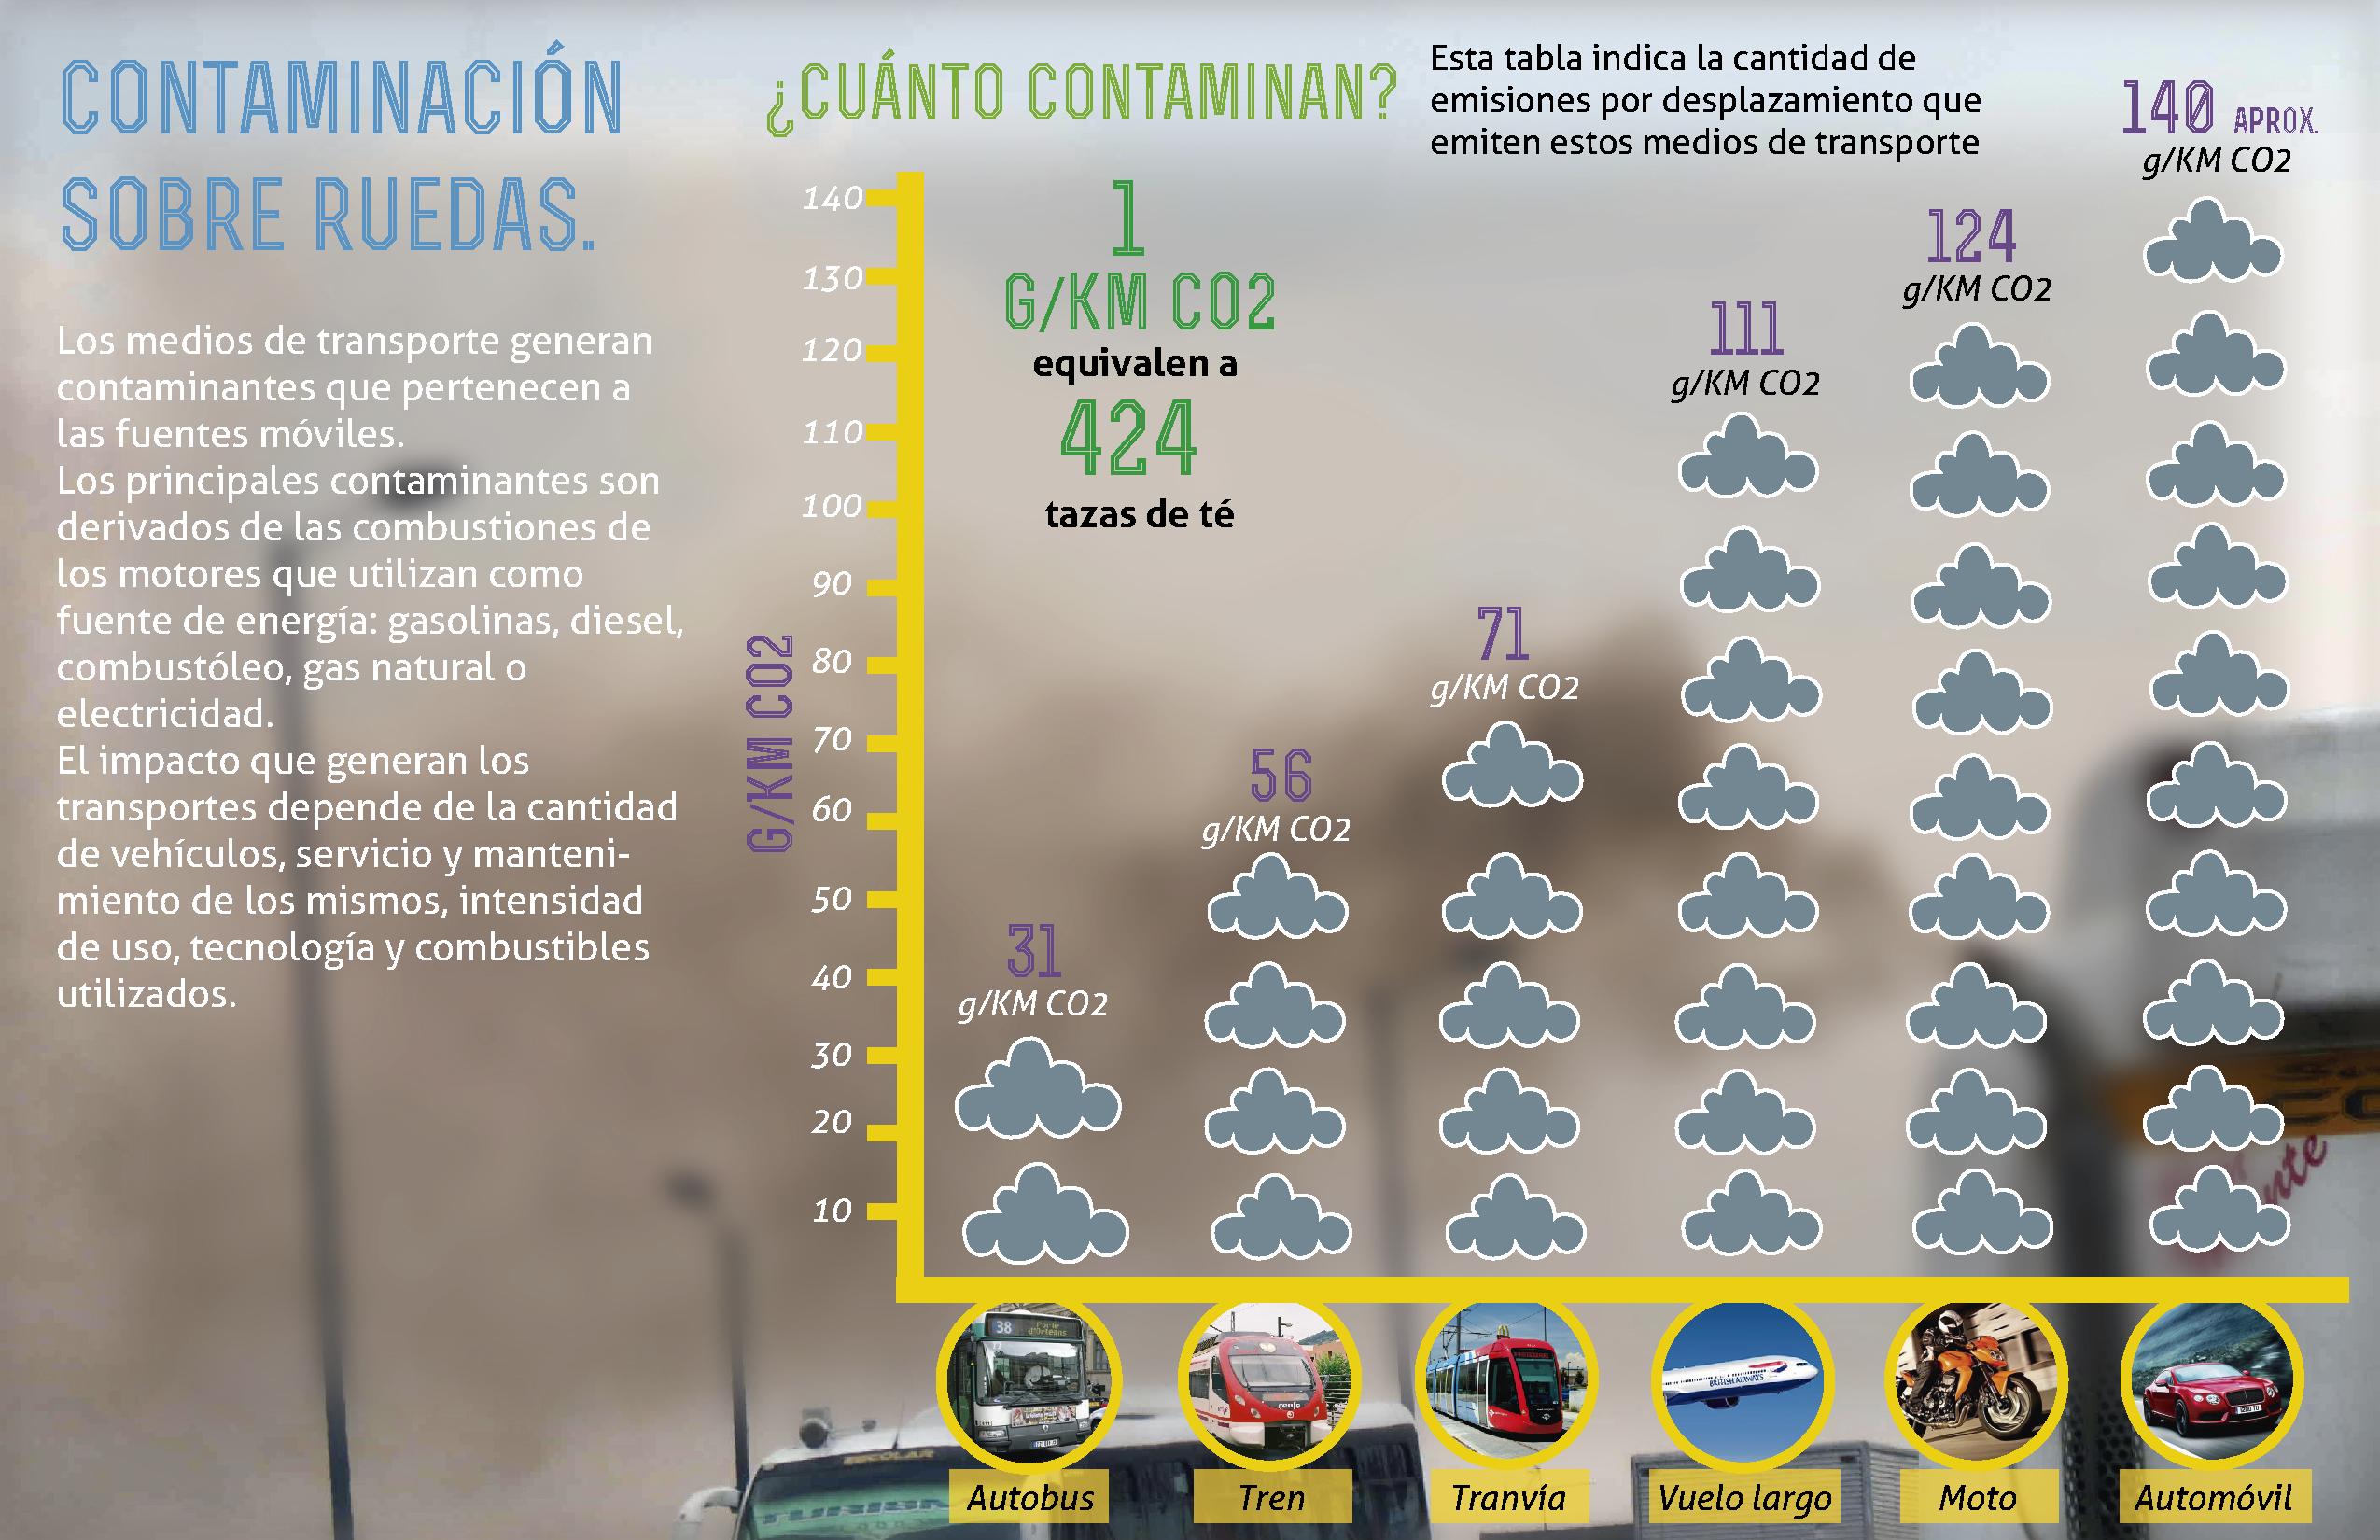 Contaminacion por transportes